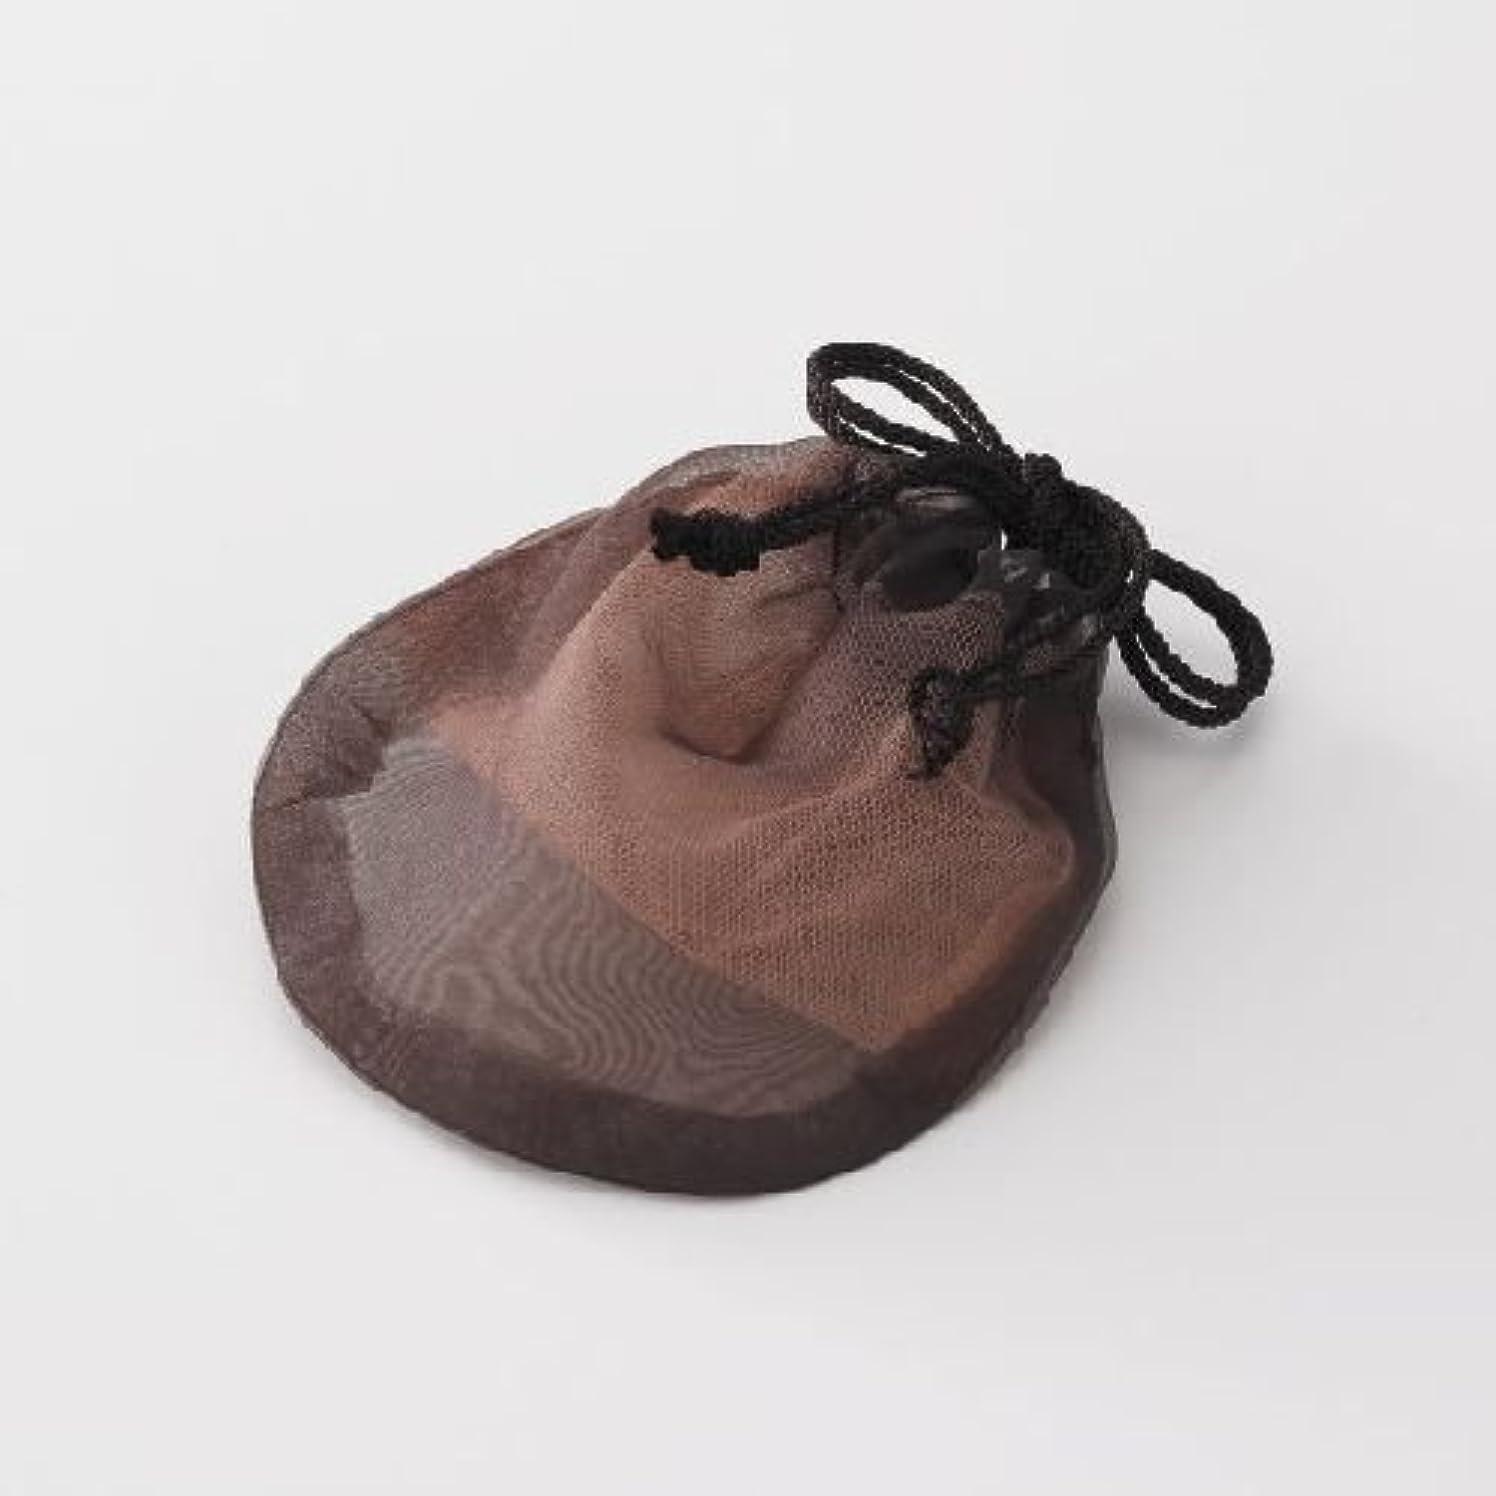 熟練した地理混雑ピギーバックス ソープネット 瞬時にマシュマロのようなお肌に負担をかけないキメ細かな泡をつくることができるオシャレなポーチ型オリジナル【泡だてネット】!衛生的に固形石鹸の保存もできます。